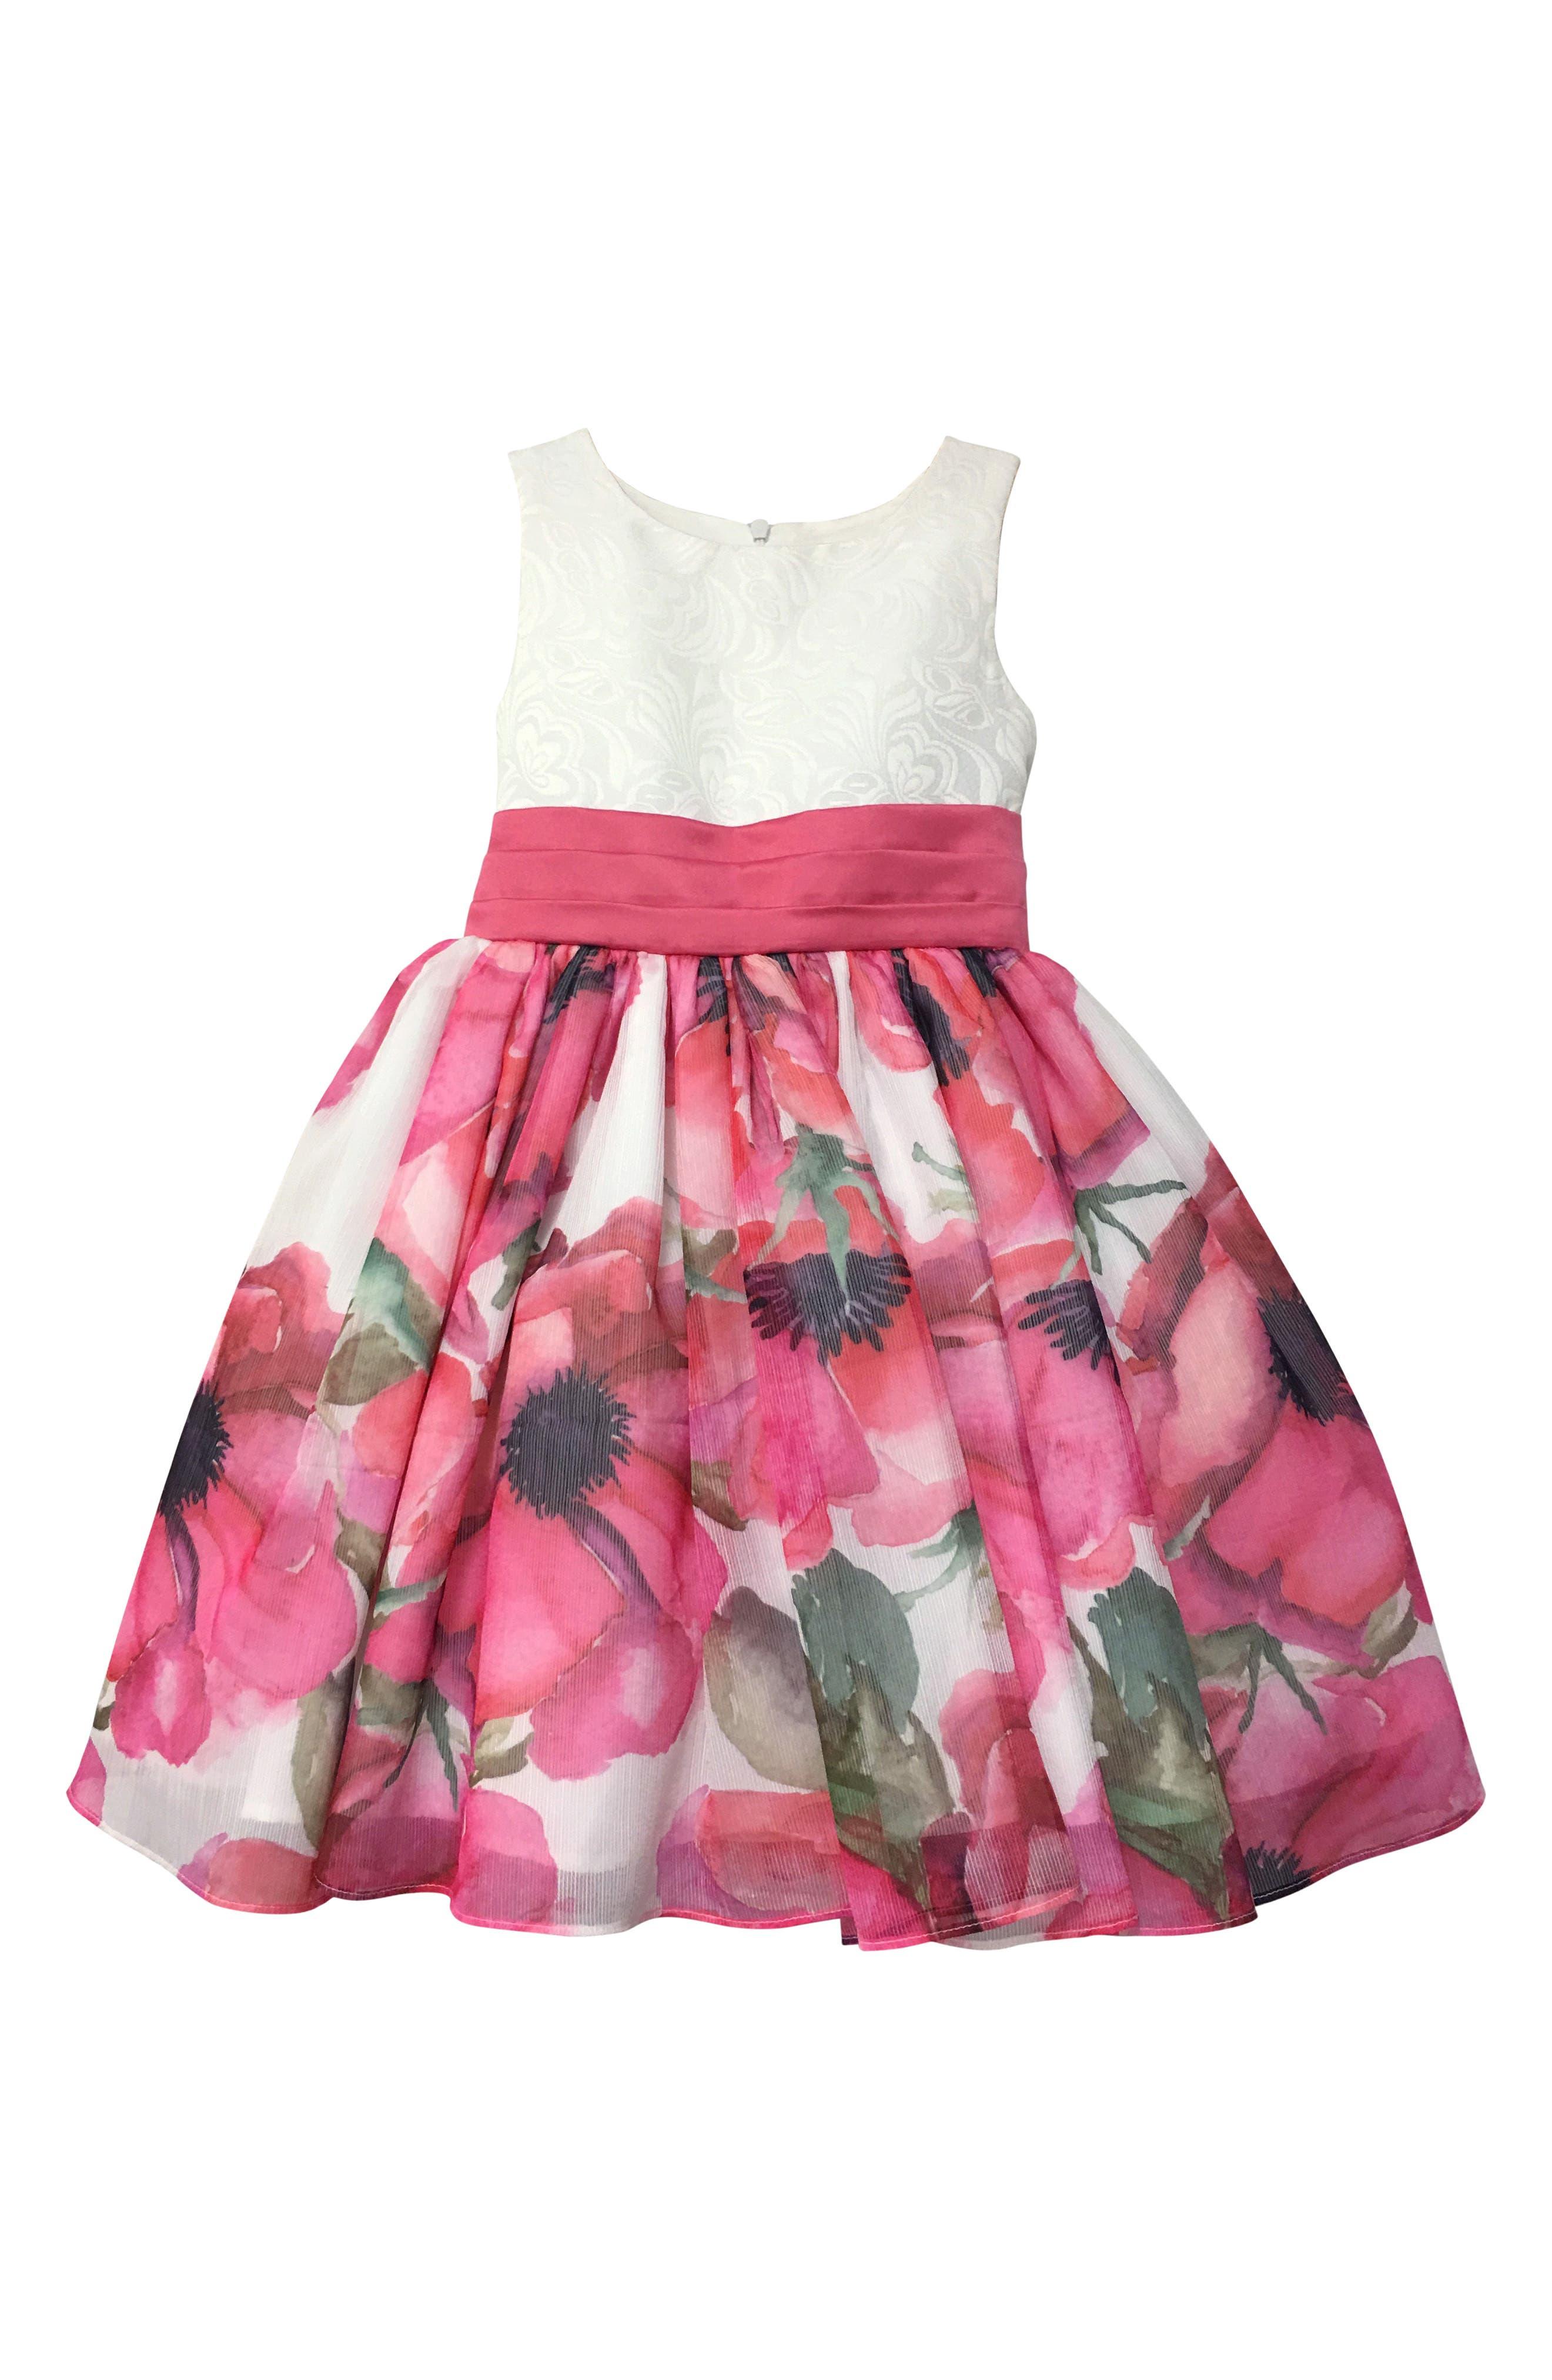 Resa Floral Party Dress,                             Main thumbnail 1, color,                             Multi Floral